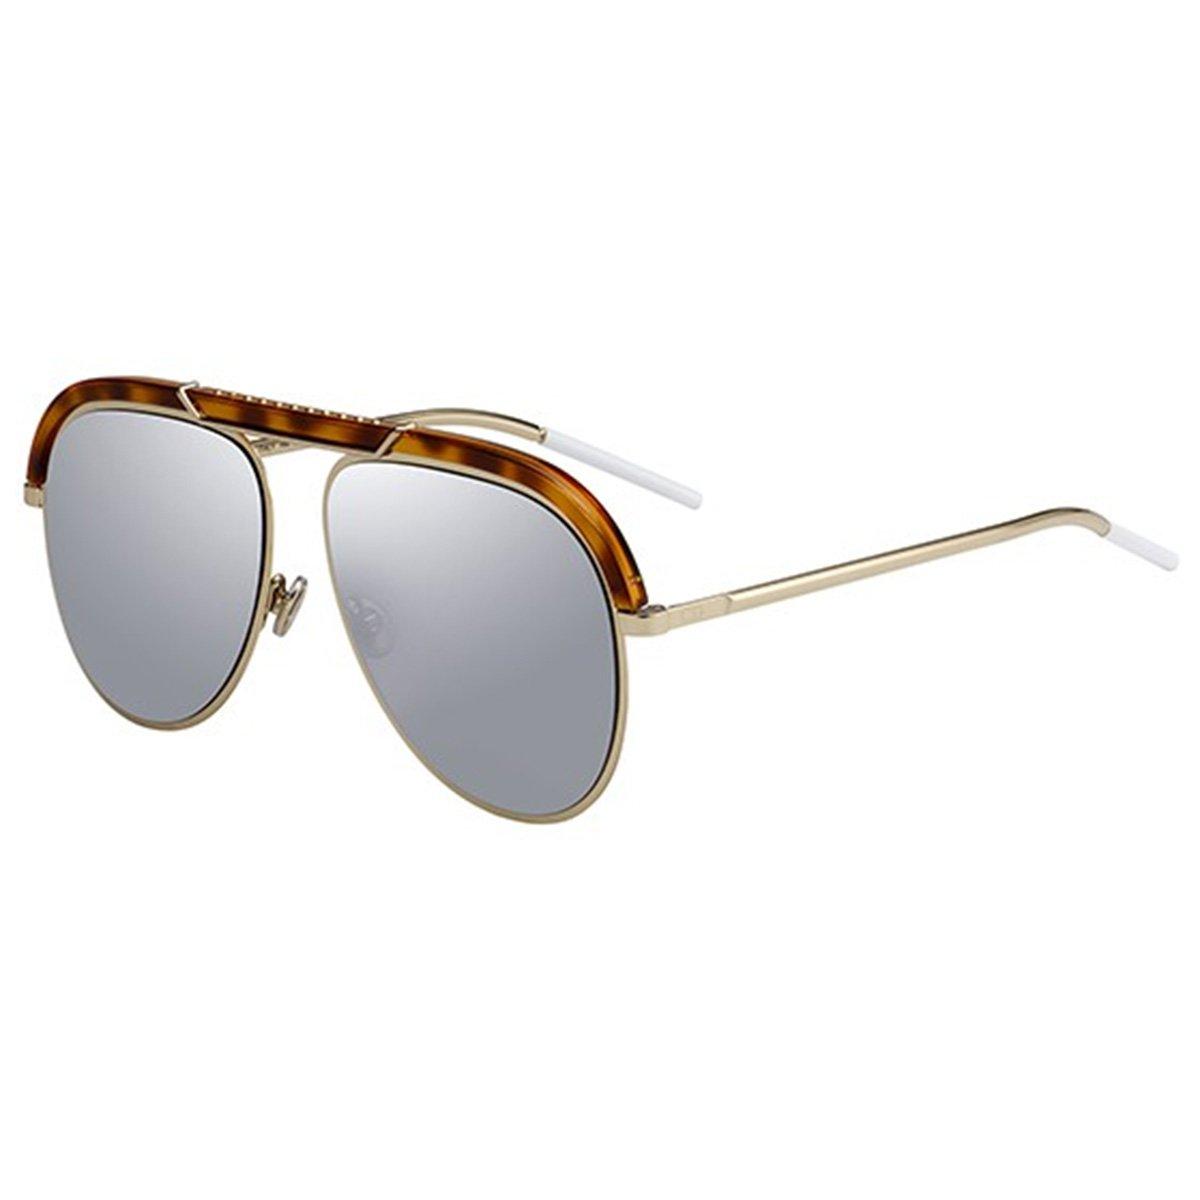 37d0e7b7190ba Compre Óculos de Sol Dior Desertic em 10X